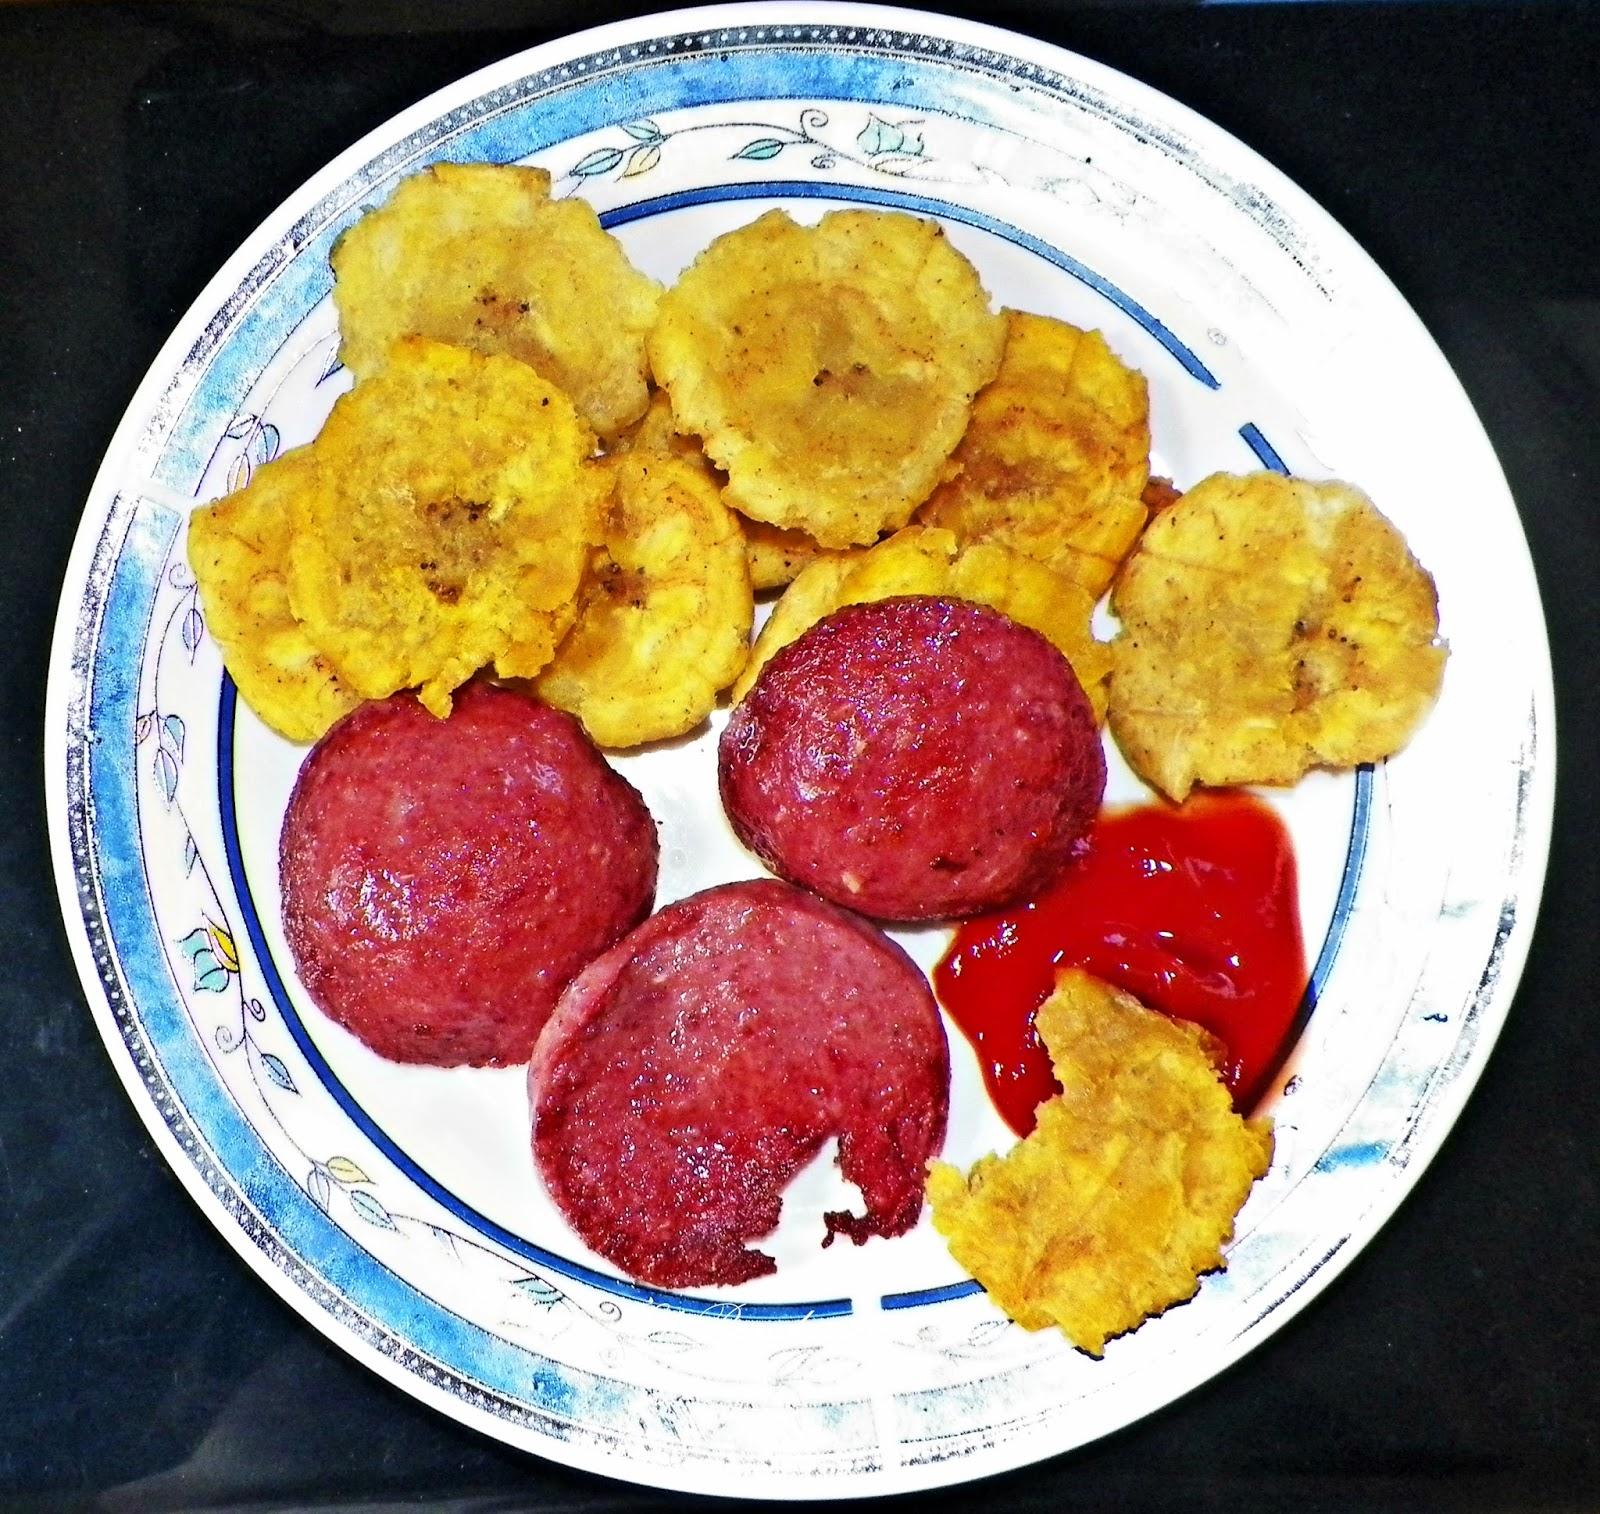 Plátanos Verdes Platanos Fritos With Salami Wwwmiifotoscom